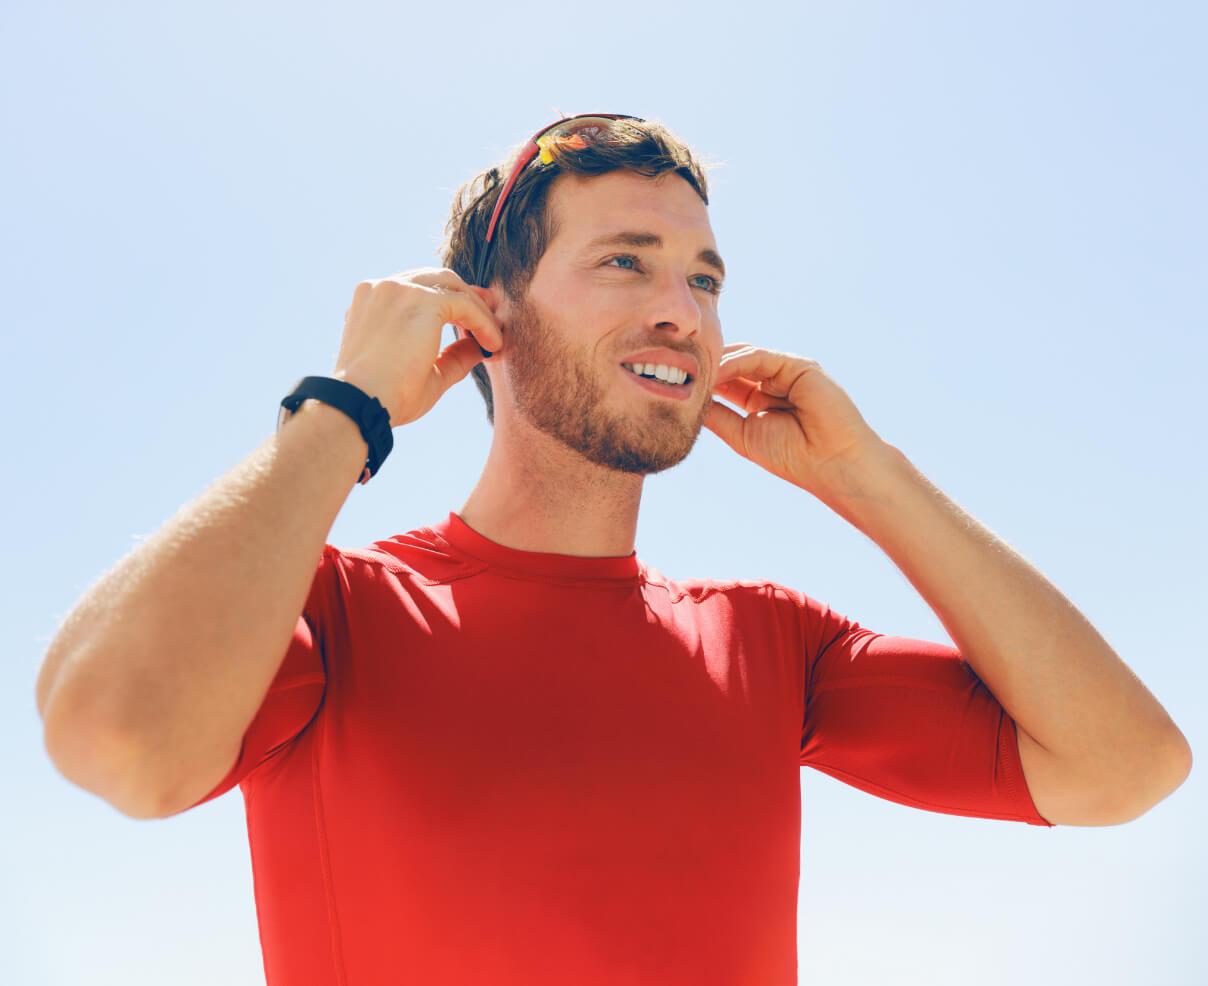 Mann mit Hörgeräten